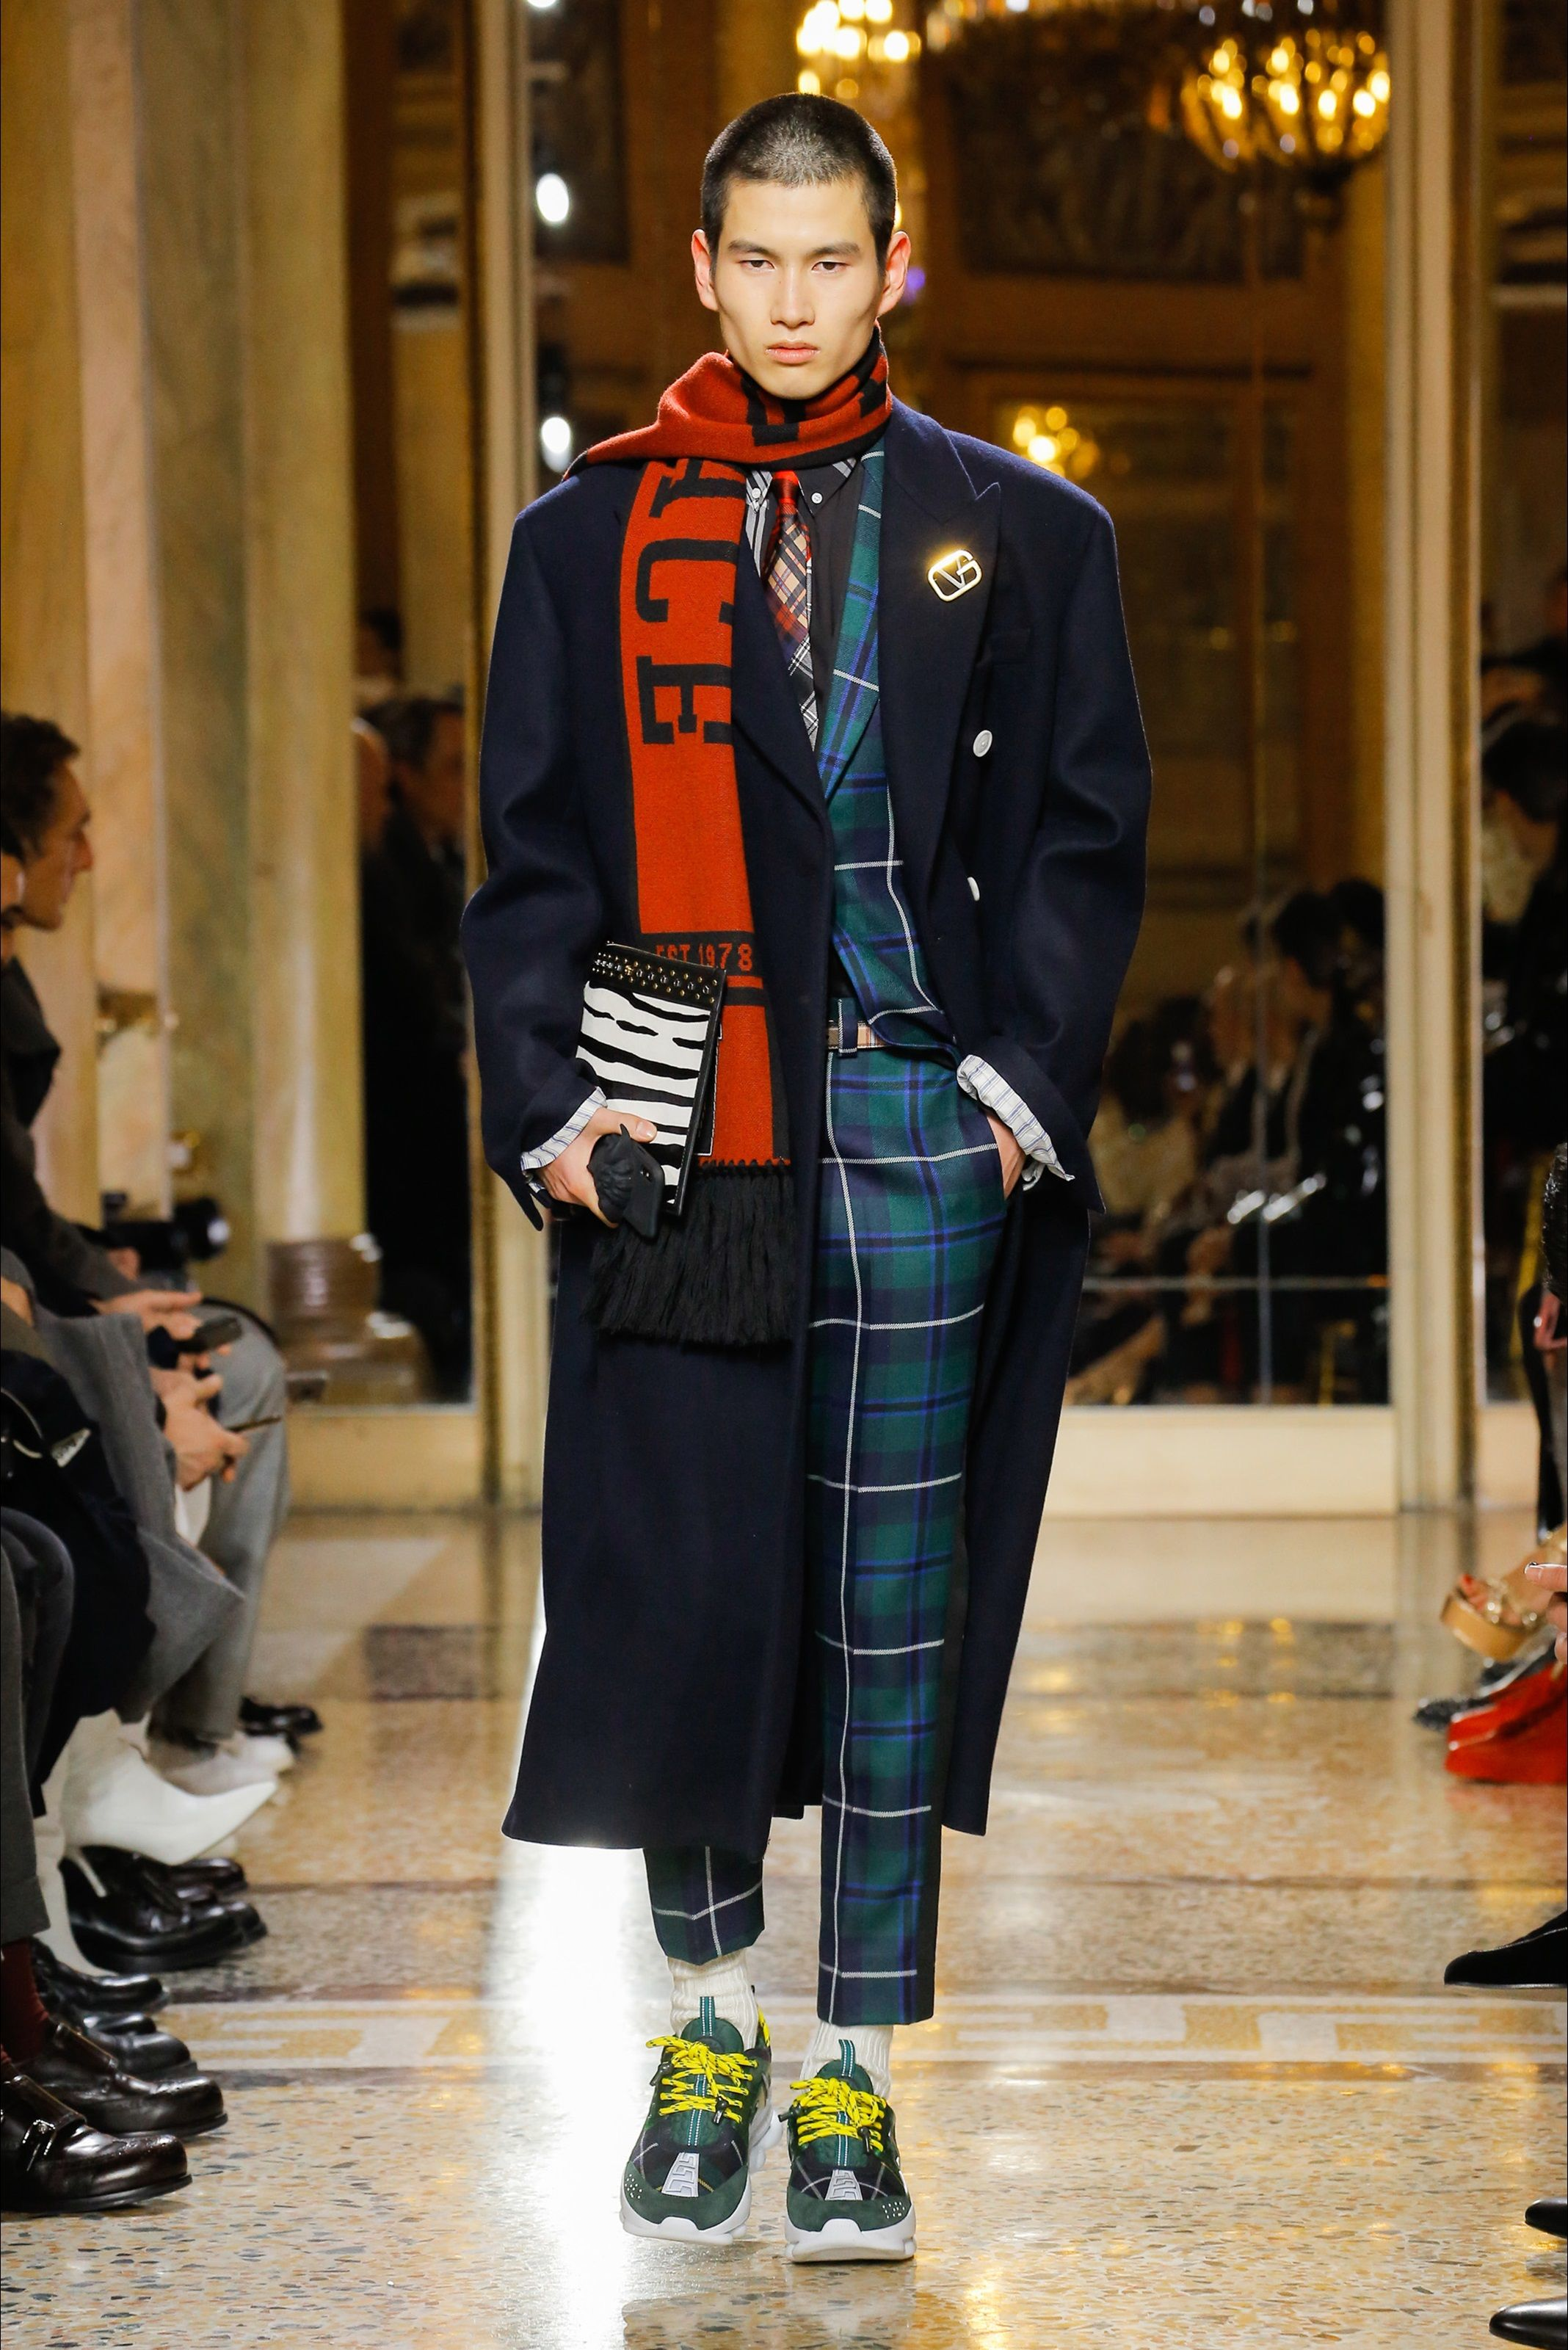 Guarda la sfilata di moda uomo Versace a Milano e scopri la collezione di  abiti e accessori per la stagione Autunno Inverno 2018 7006af4d5ea